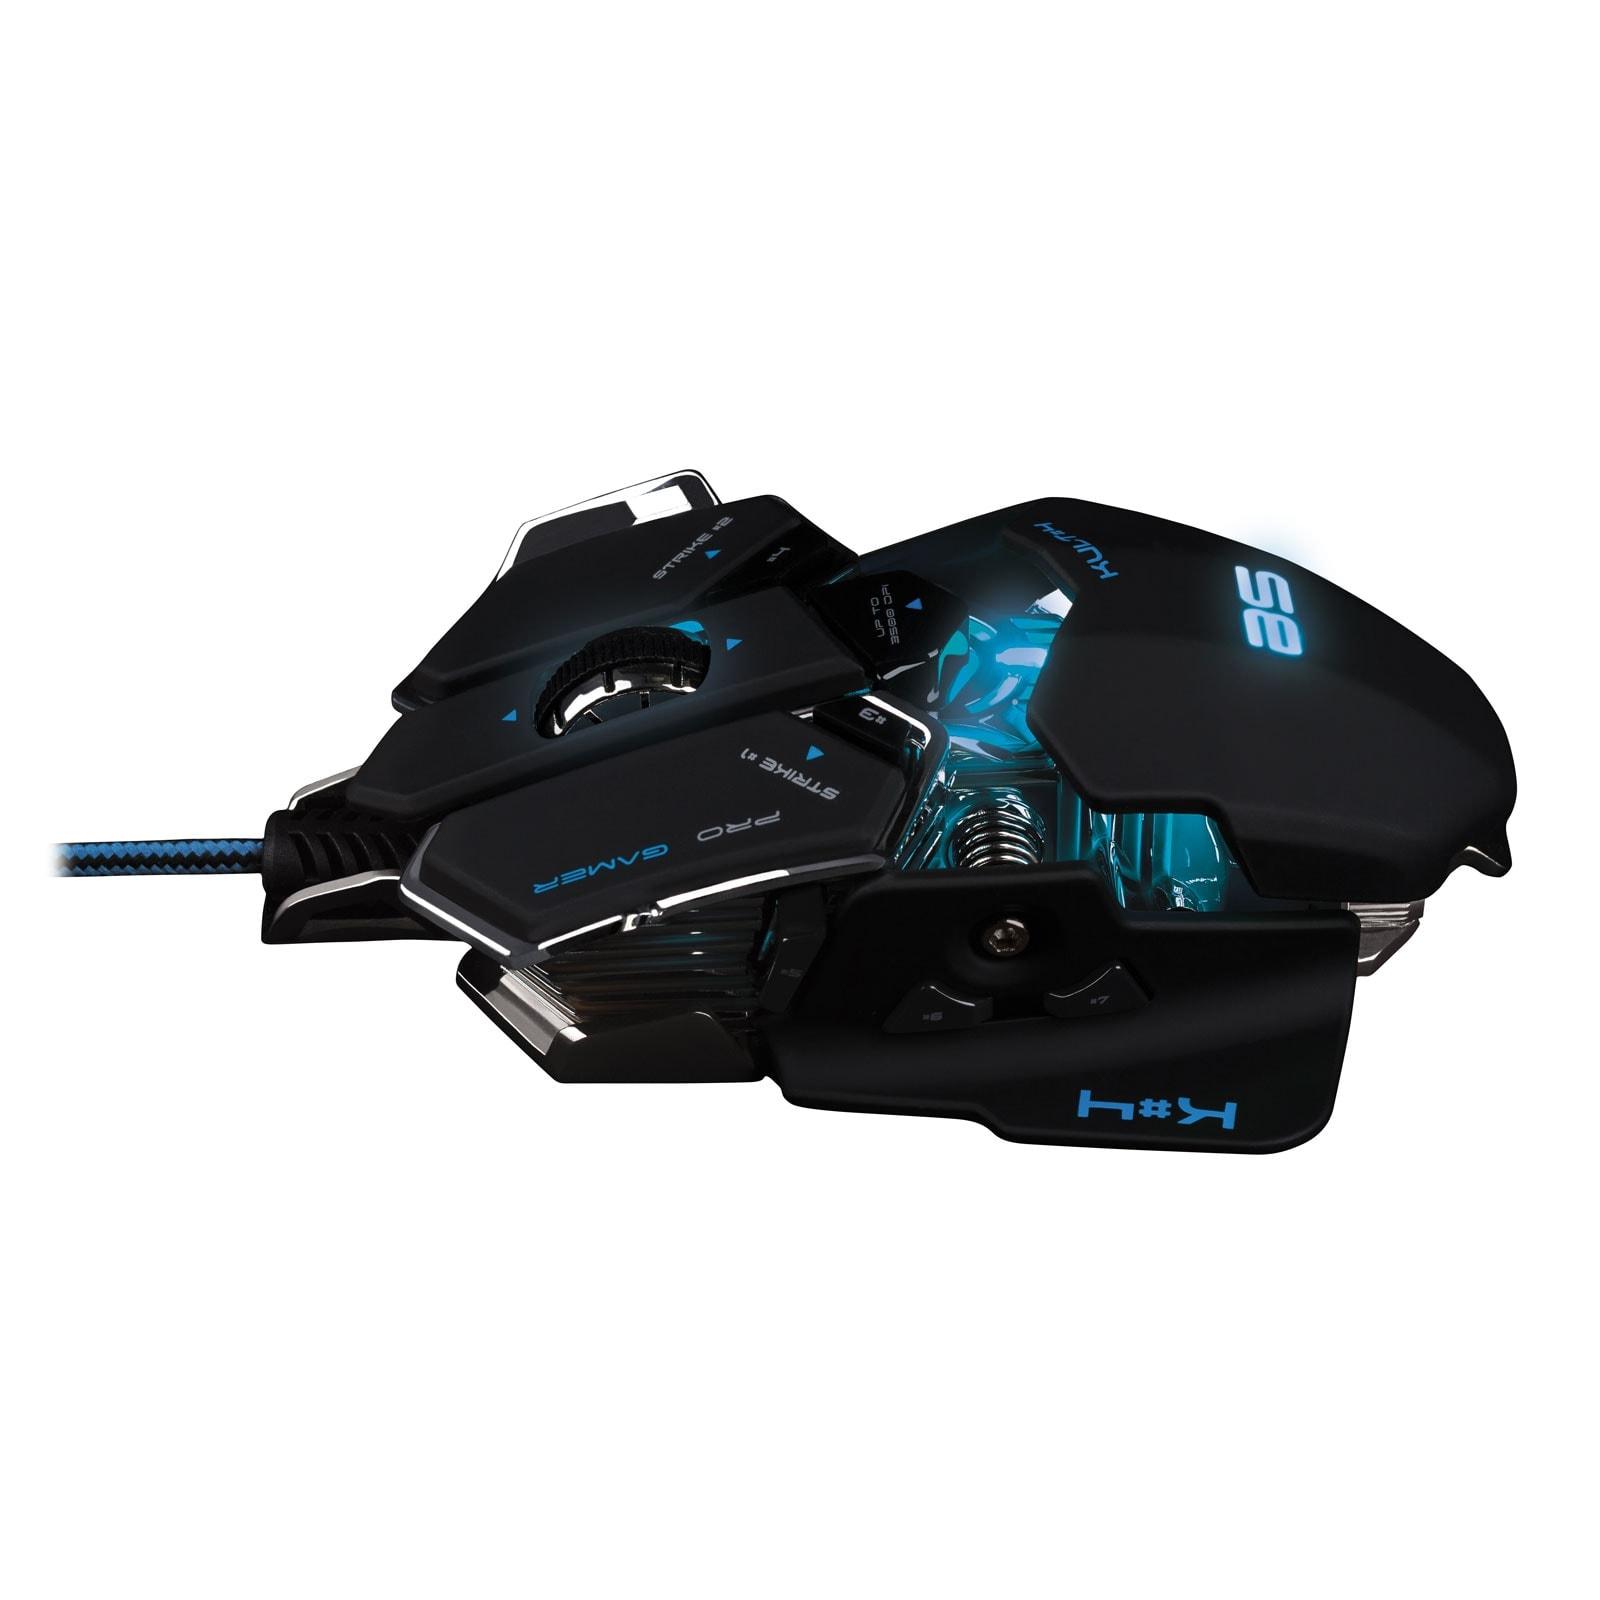 Souris PC Gamer Bluestork KULT 4 BLACK ED. - 3500dpi/Rétroéclairé/10 boutons - 3